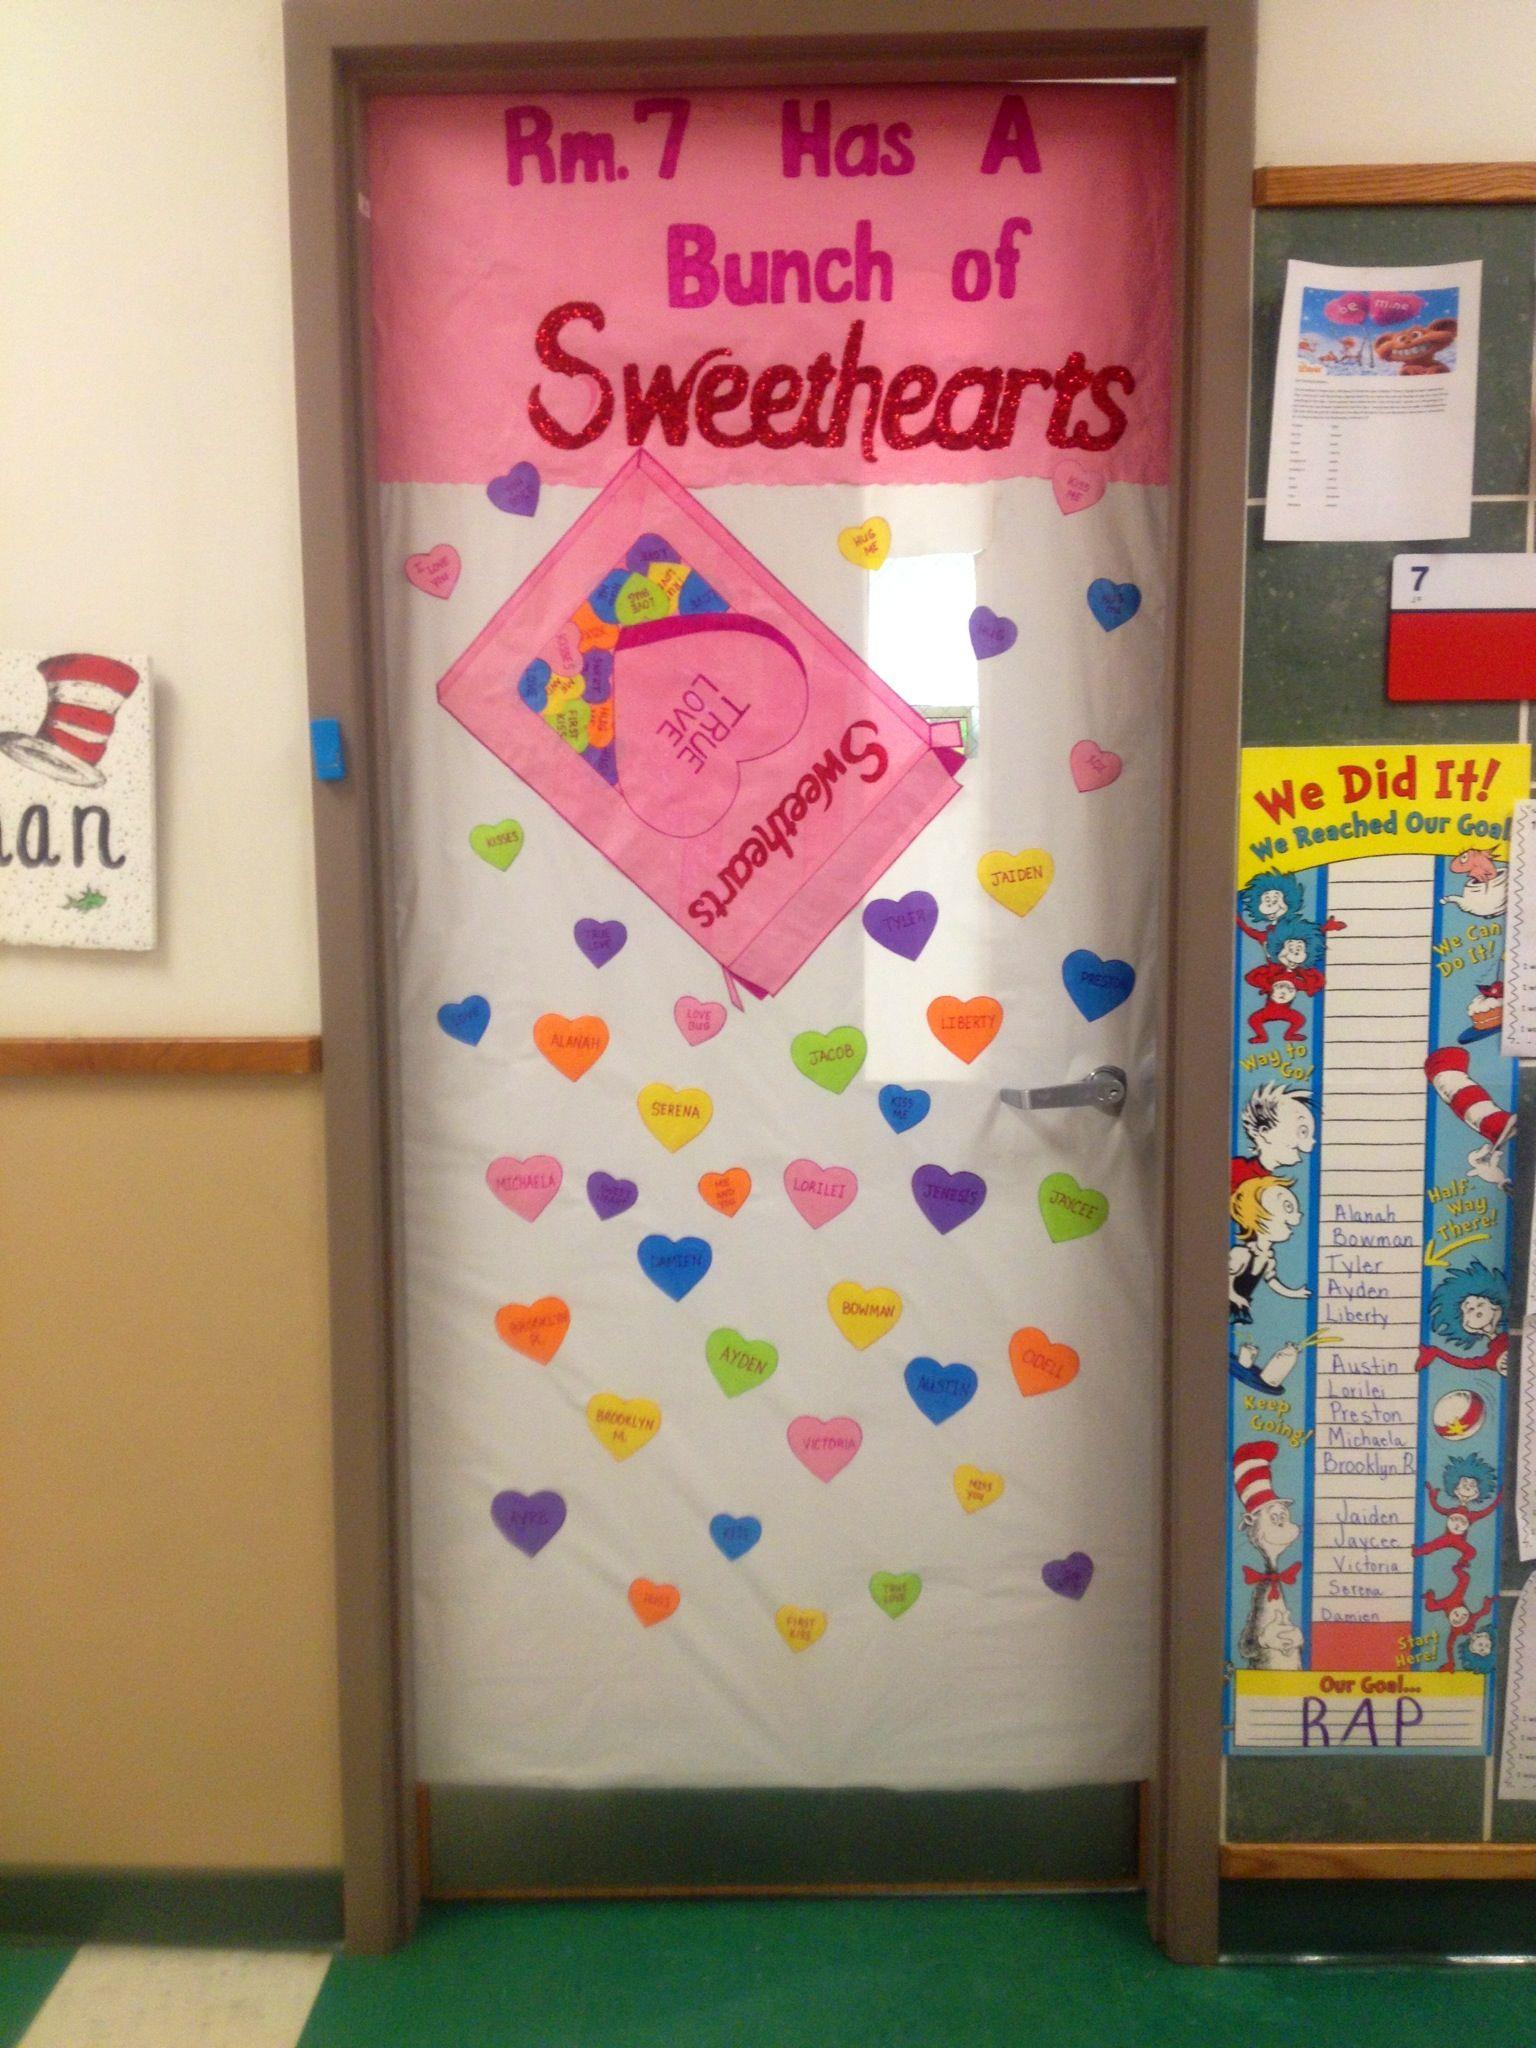 Valentine Door Decoration Ideas My Valentines Door For My Classroom Room 7 Has A Bunch Of